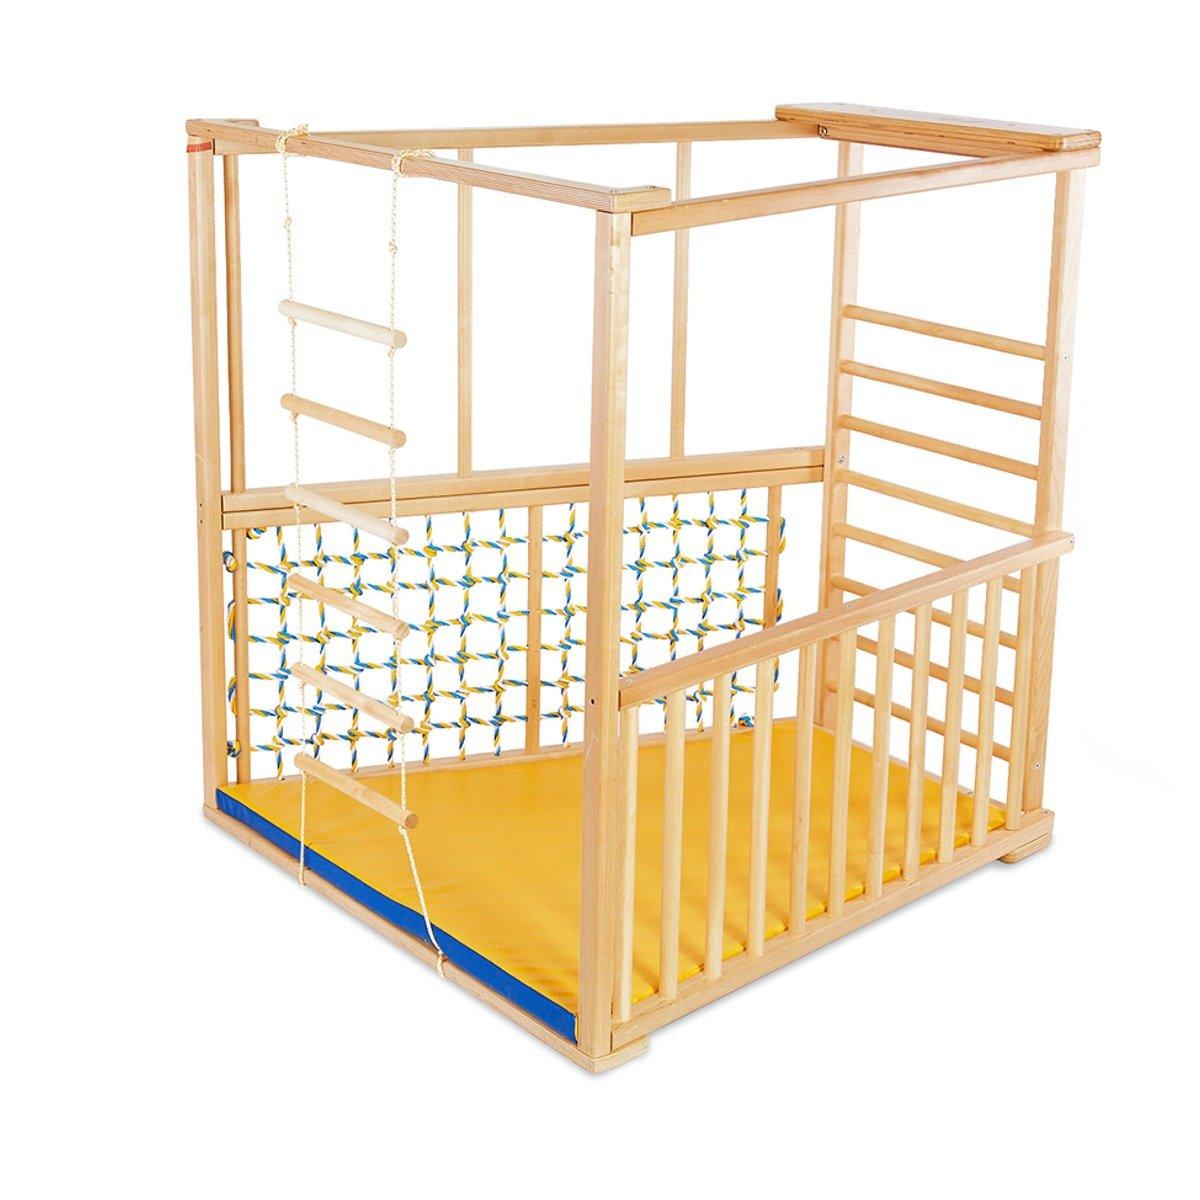 Full Size of Kidwood Klettergerüst 1 Klettergerst Segel Sport Set Aus Holz Fr Indoor Garten Wohnzimmer Kidwood Klettergerüst